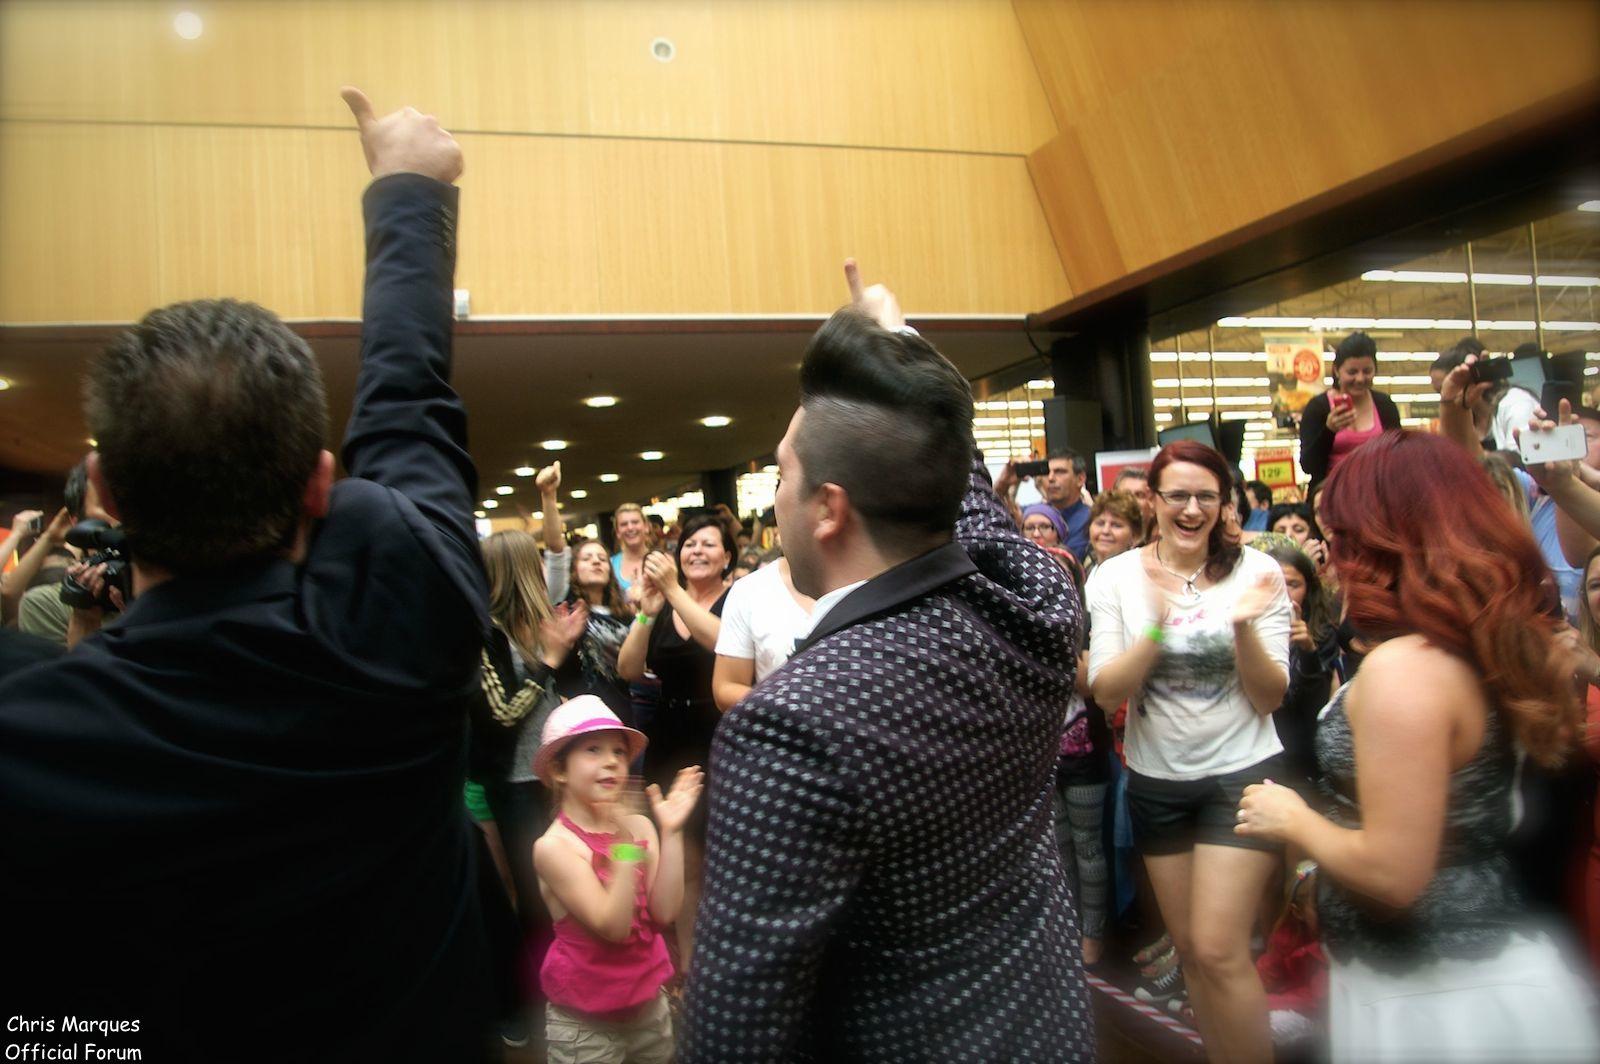 [14.06.2014] Evénement à #Colmar Chris Marques et Jaclyn Spencer pour un Flashmob/Cours de Danse/Dédicaces exceptionnels le tout organisé par la MJC de Colmar 2211